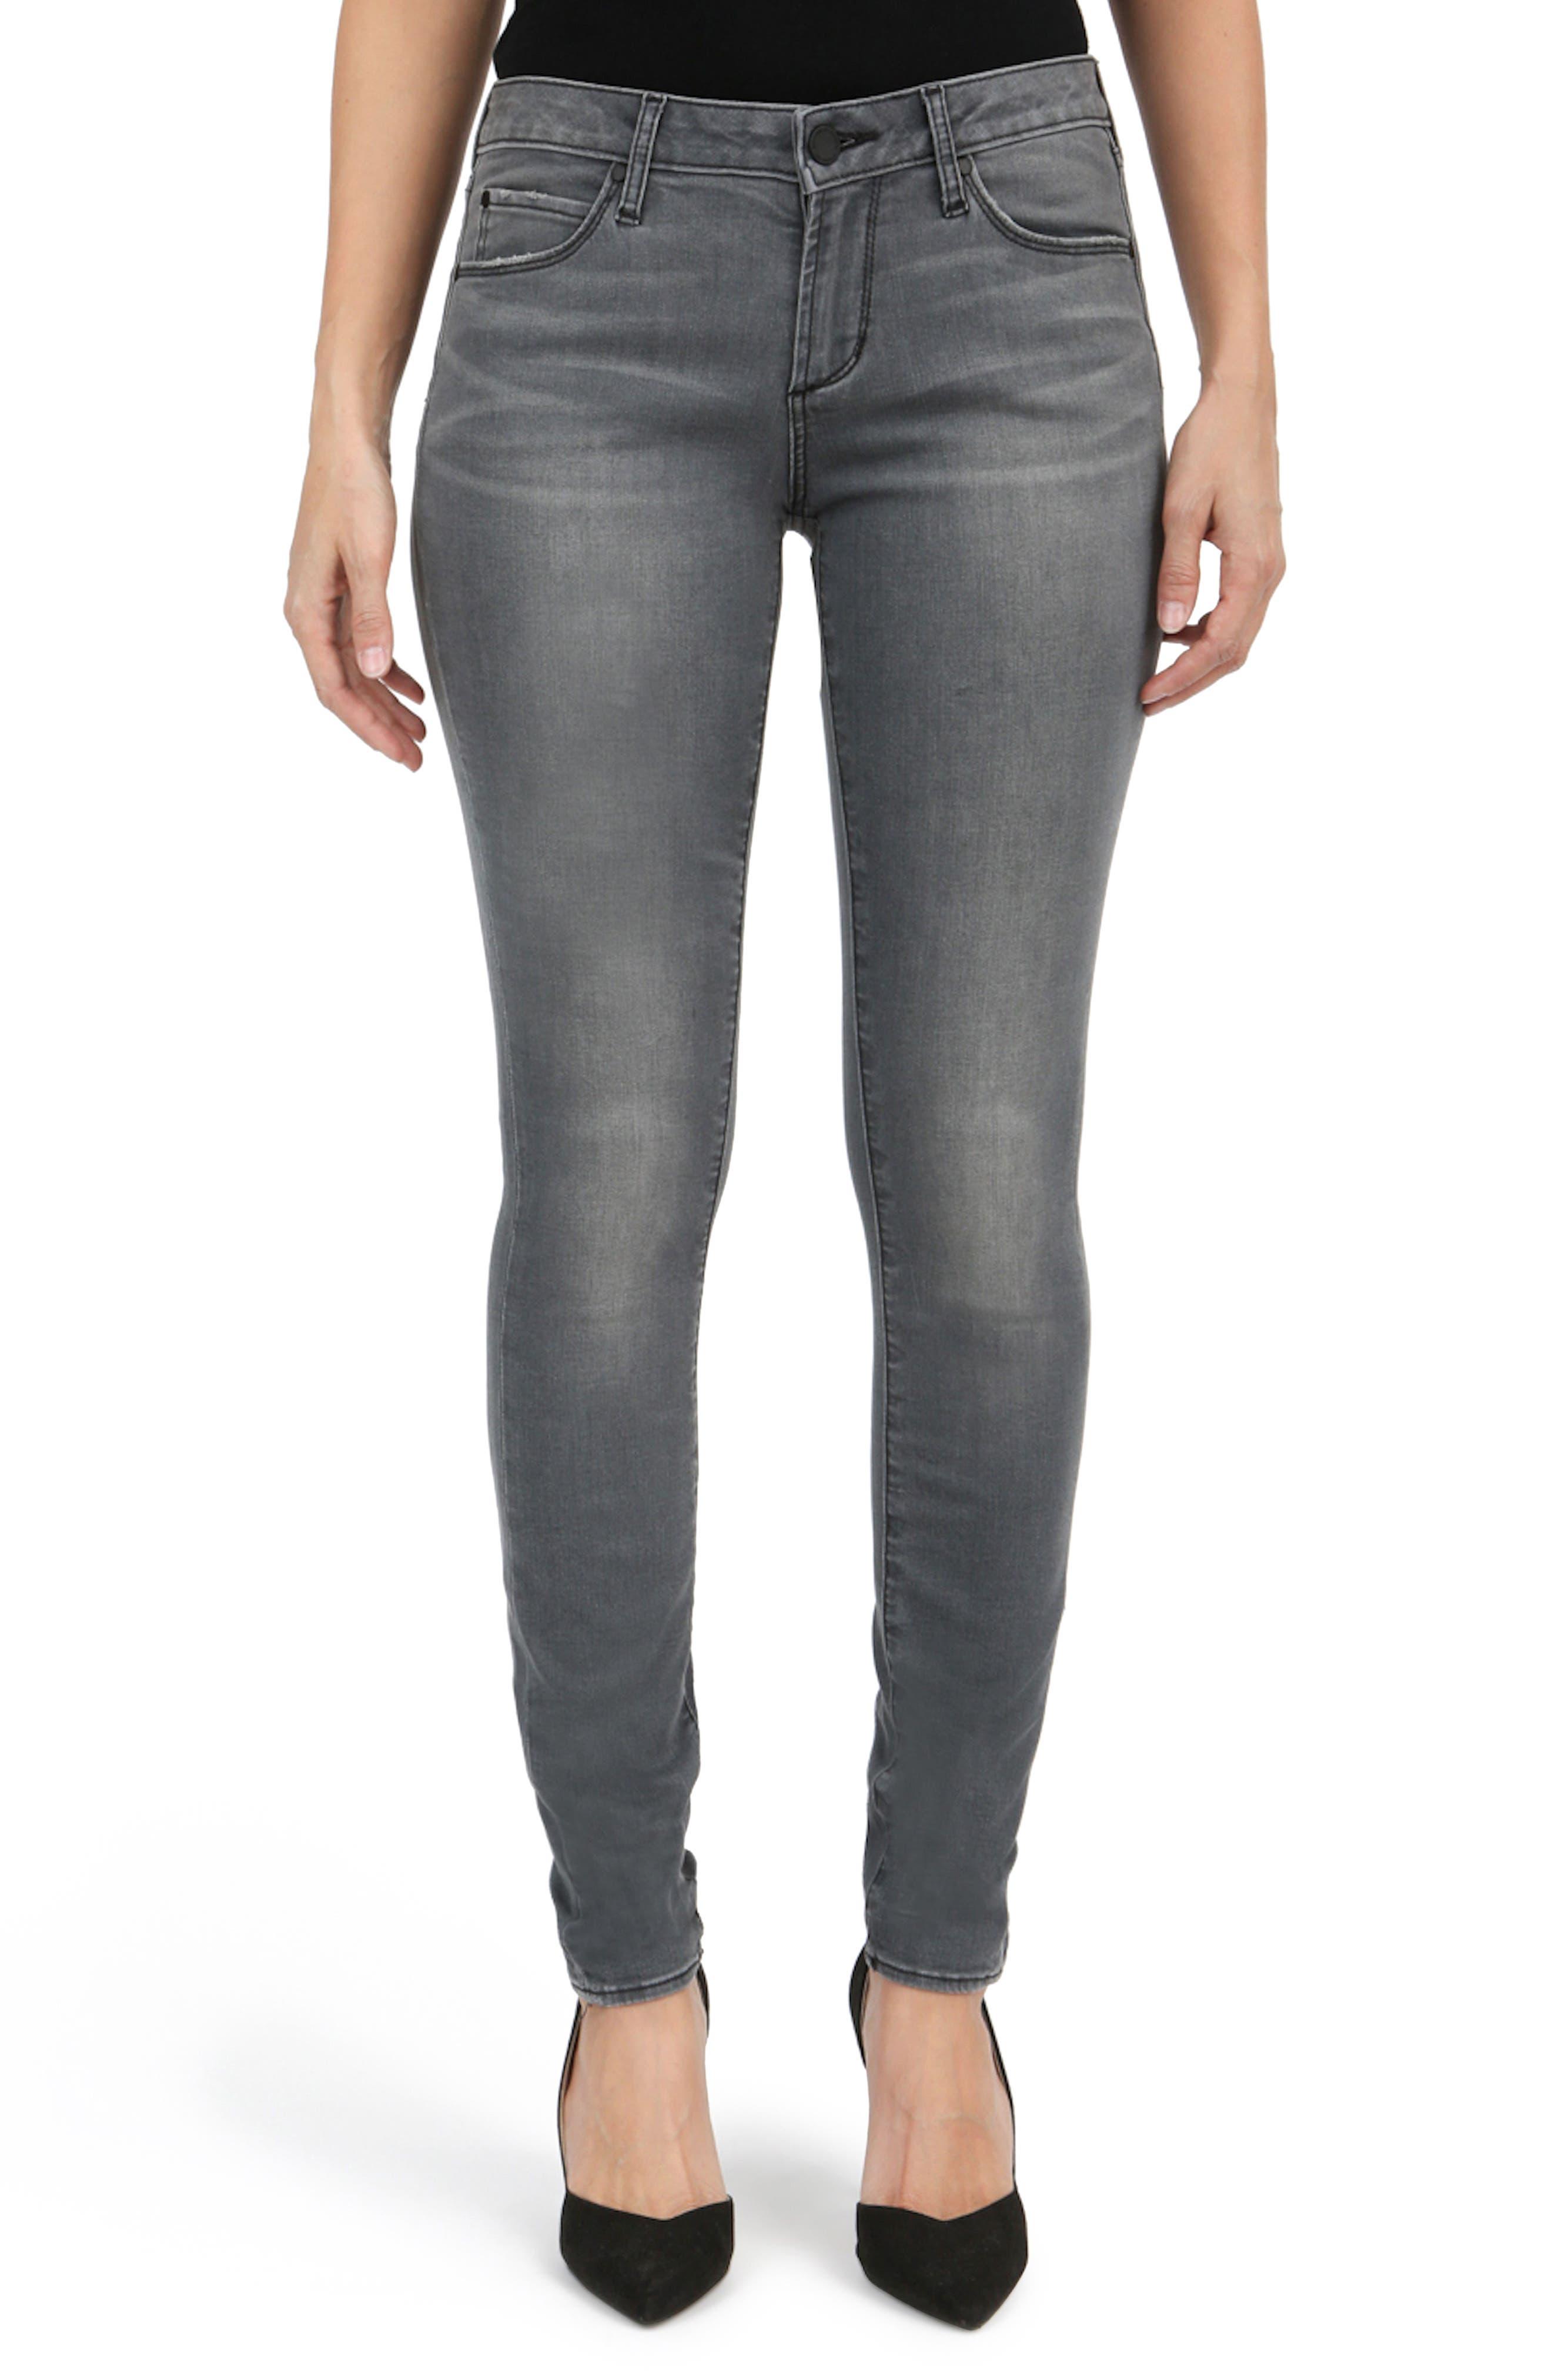 Main Image - Articles of Society Mya Skinny Jeans (Eagle)